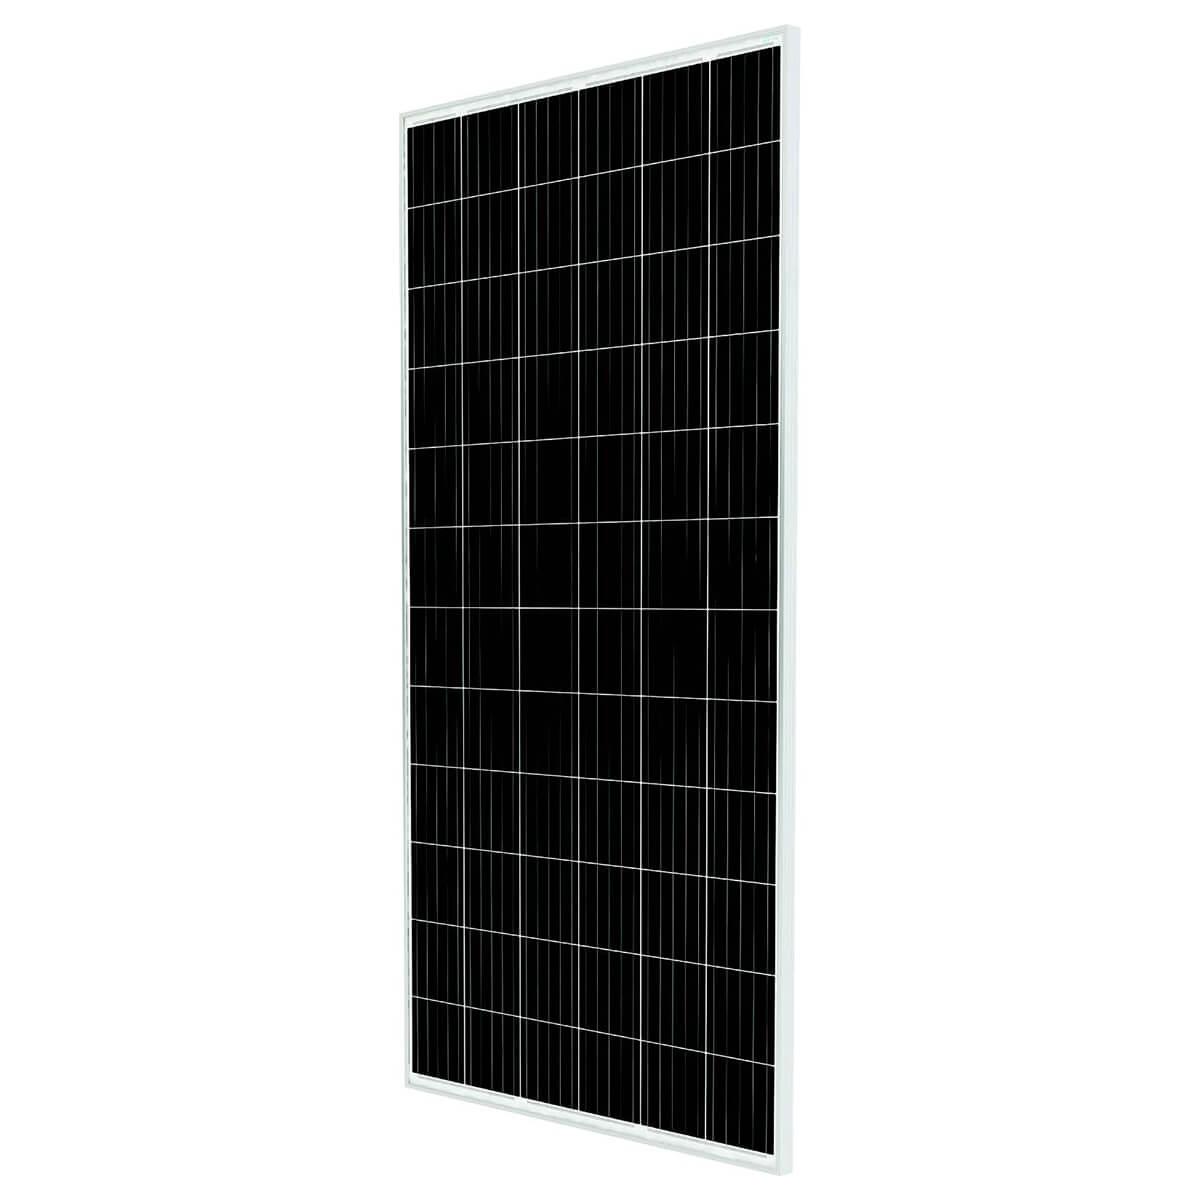 tommatech 380W panel, tommatech 380Watt panel, tommatech 380 W panel, tommatech 380 Watt panel, tommatech 380 Watt monokristal panel, tommatech 380 W watt gunes paneli, tommatech 380 W watt monokristal gunes paneli, tommatech 380 W Watt fotovoltaik monokristal solar panel, tommatech 380W monokristal gunes enerjisi, tommatech TT380-72PM-380W panel, TOMMATECH 380 WATT